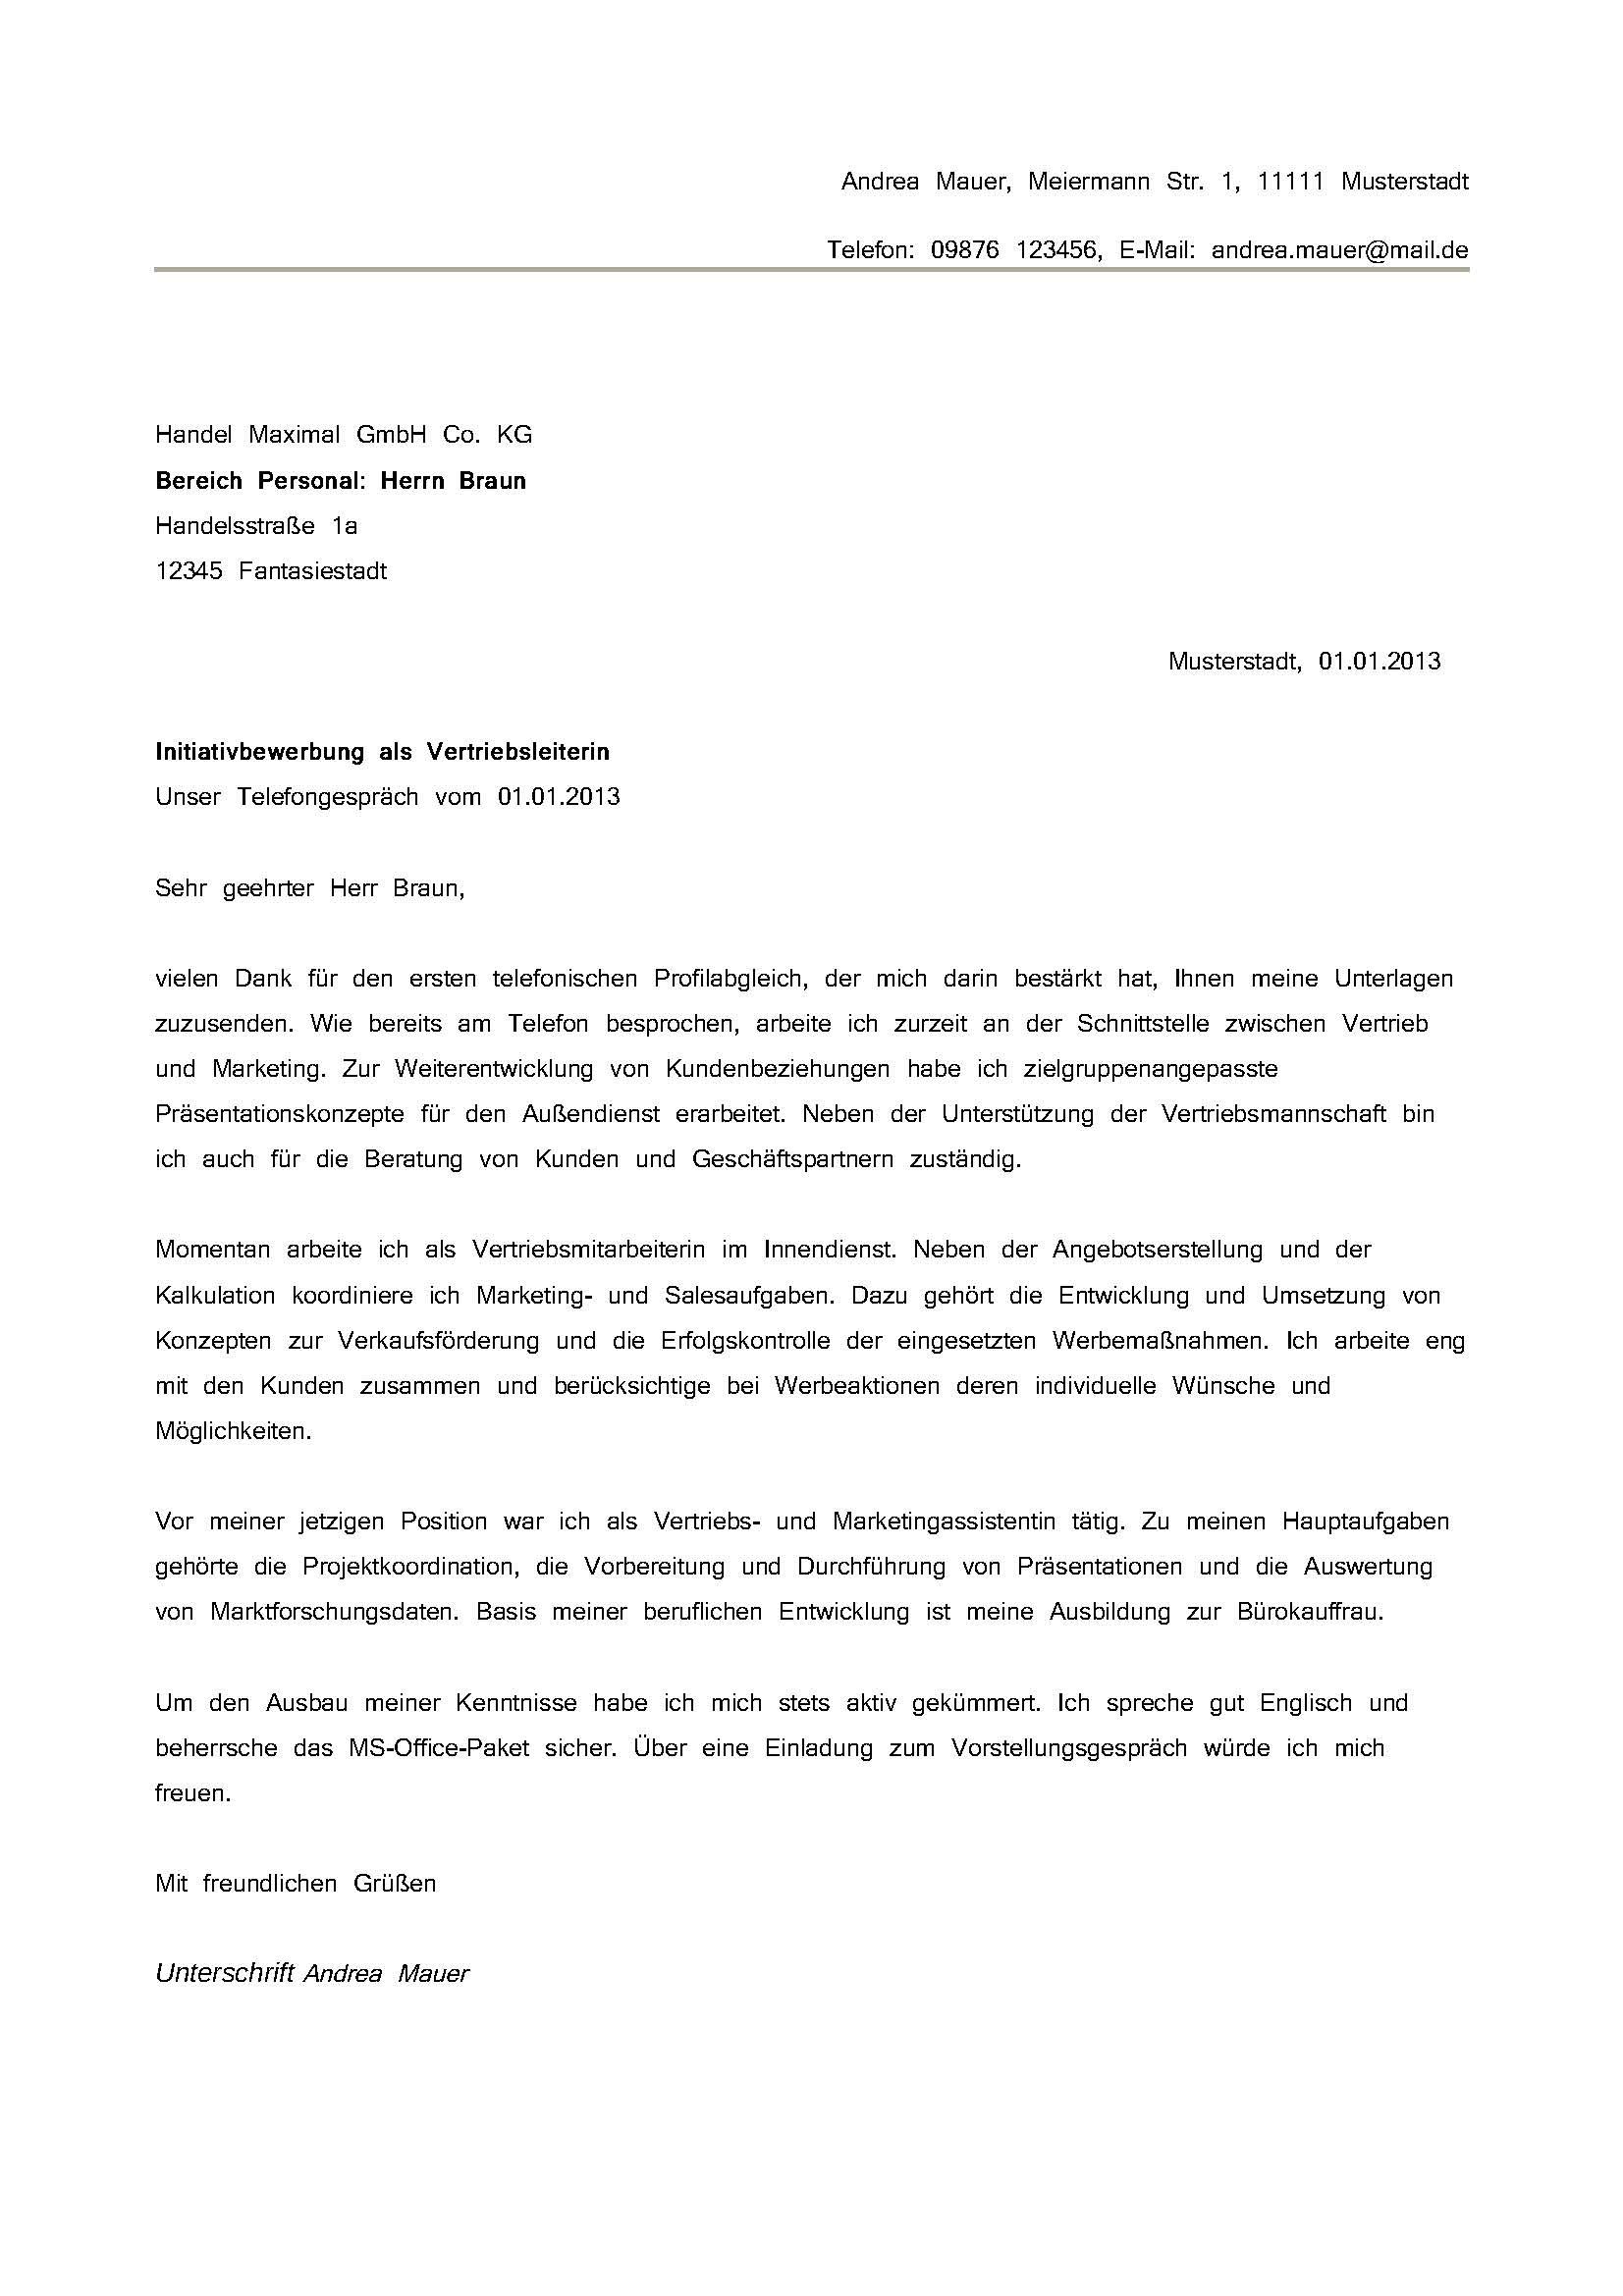 Bewerbungsschreiben Musterbewerbungsvorlagen Für Bewerbung